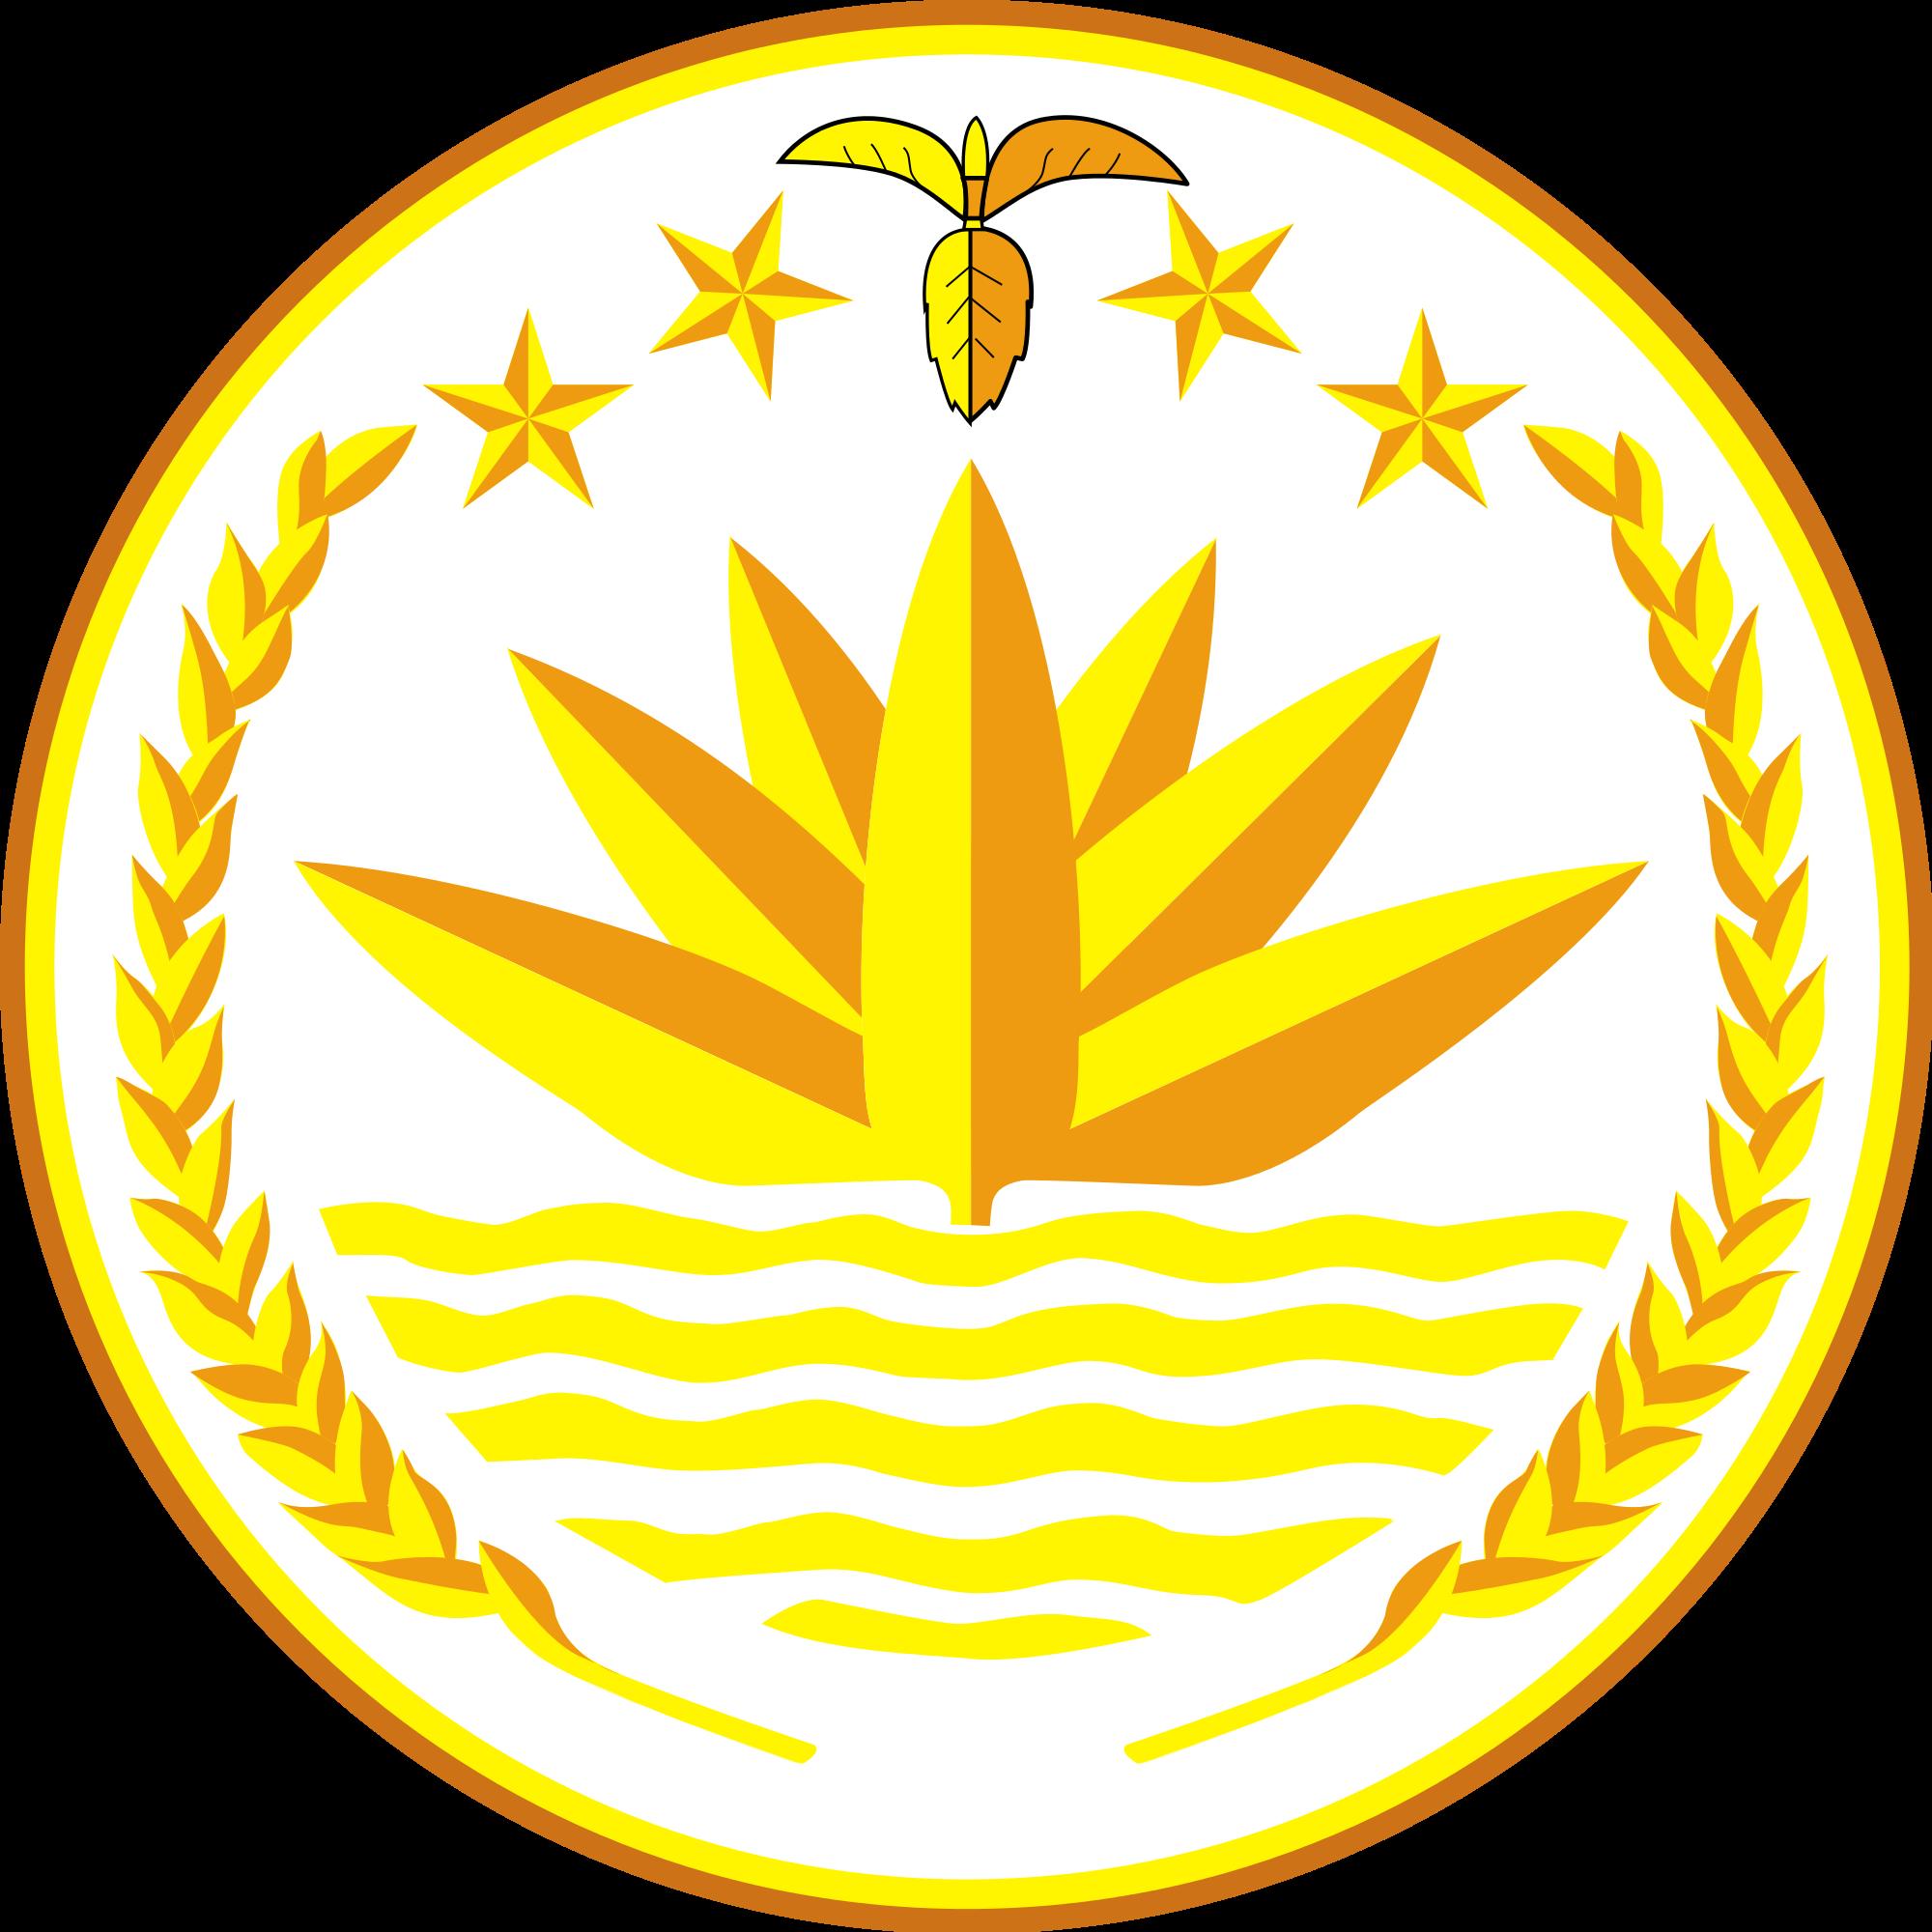 http://www.naturalcoolair.com/National-emblem-of-Bangladesh